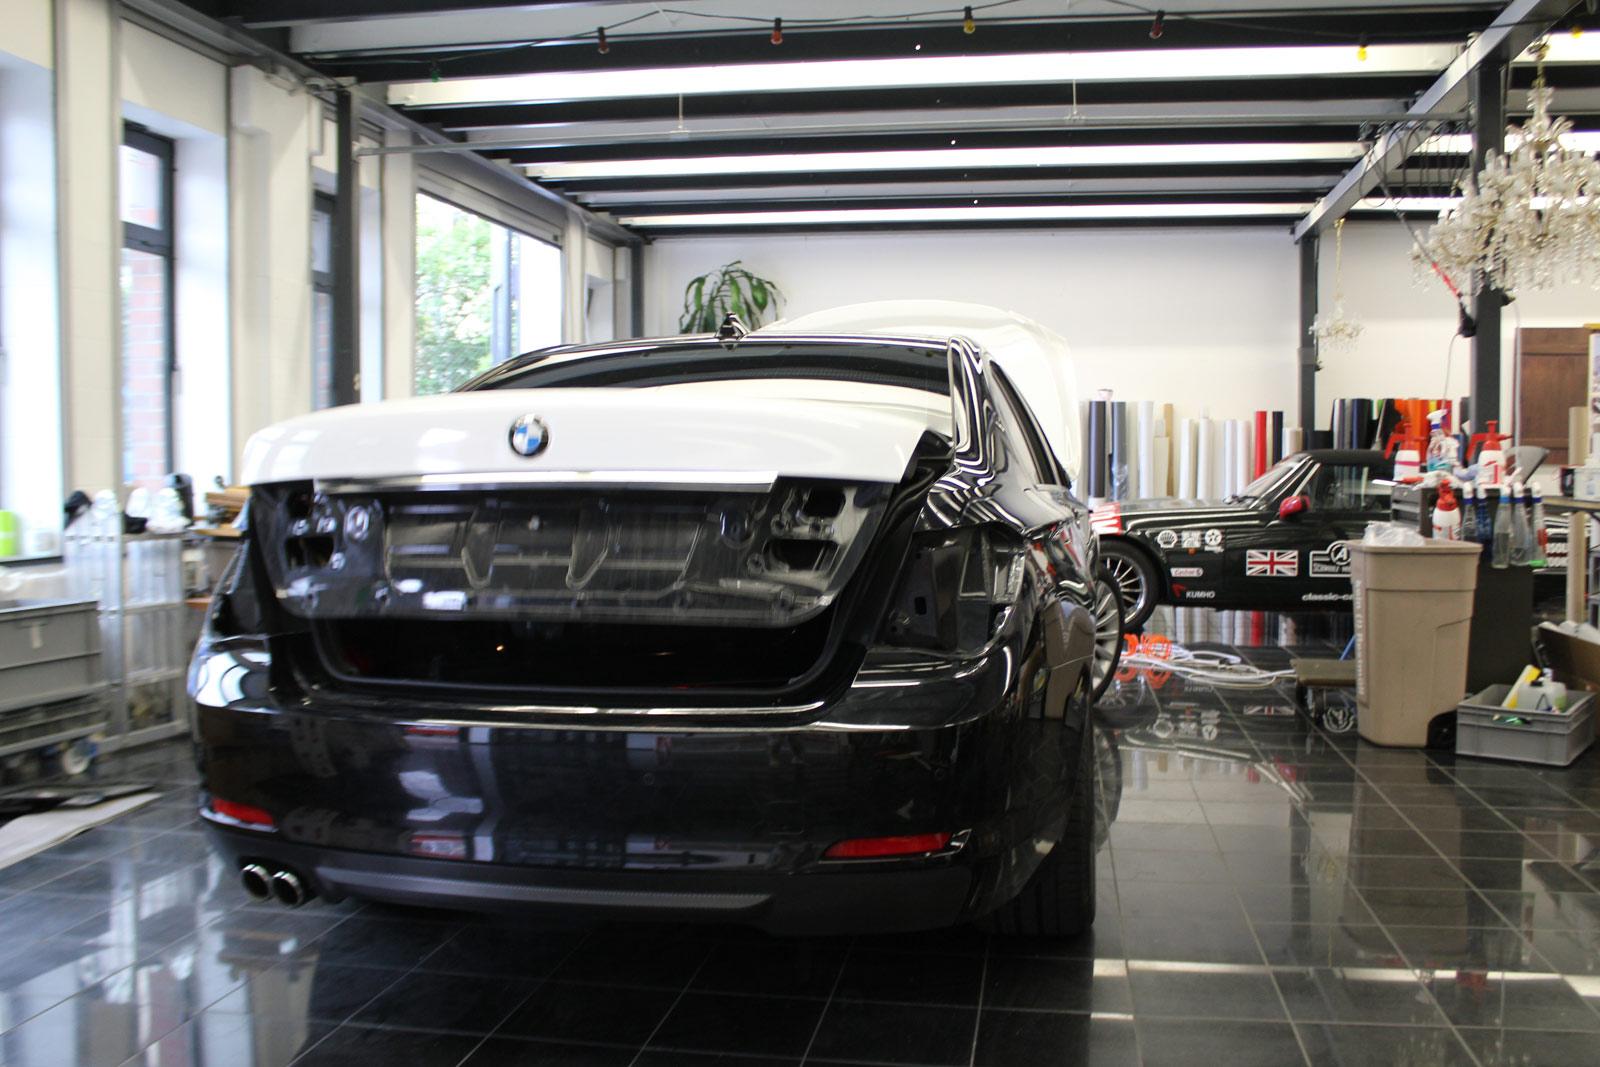 BMW_7er_Folierung_Weiss_Metallic_Schwarz_Glanz_08